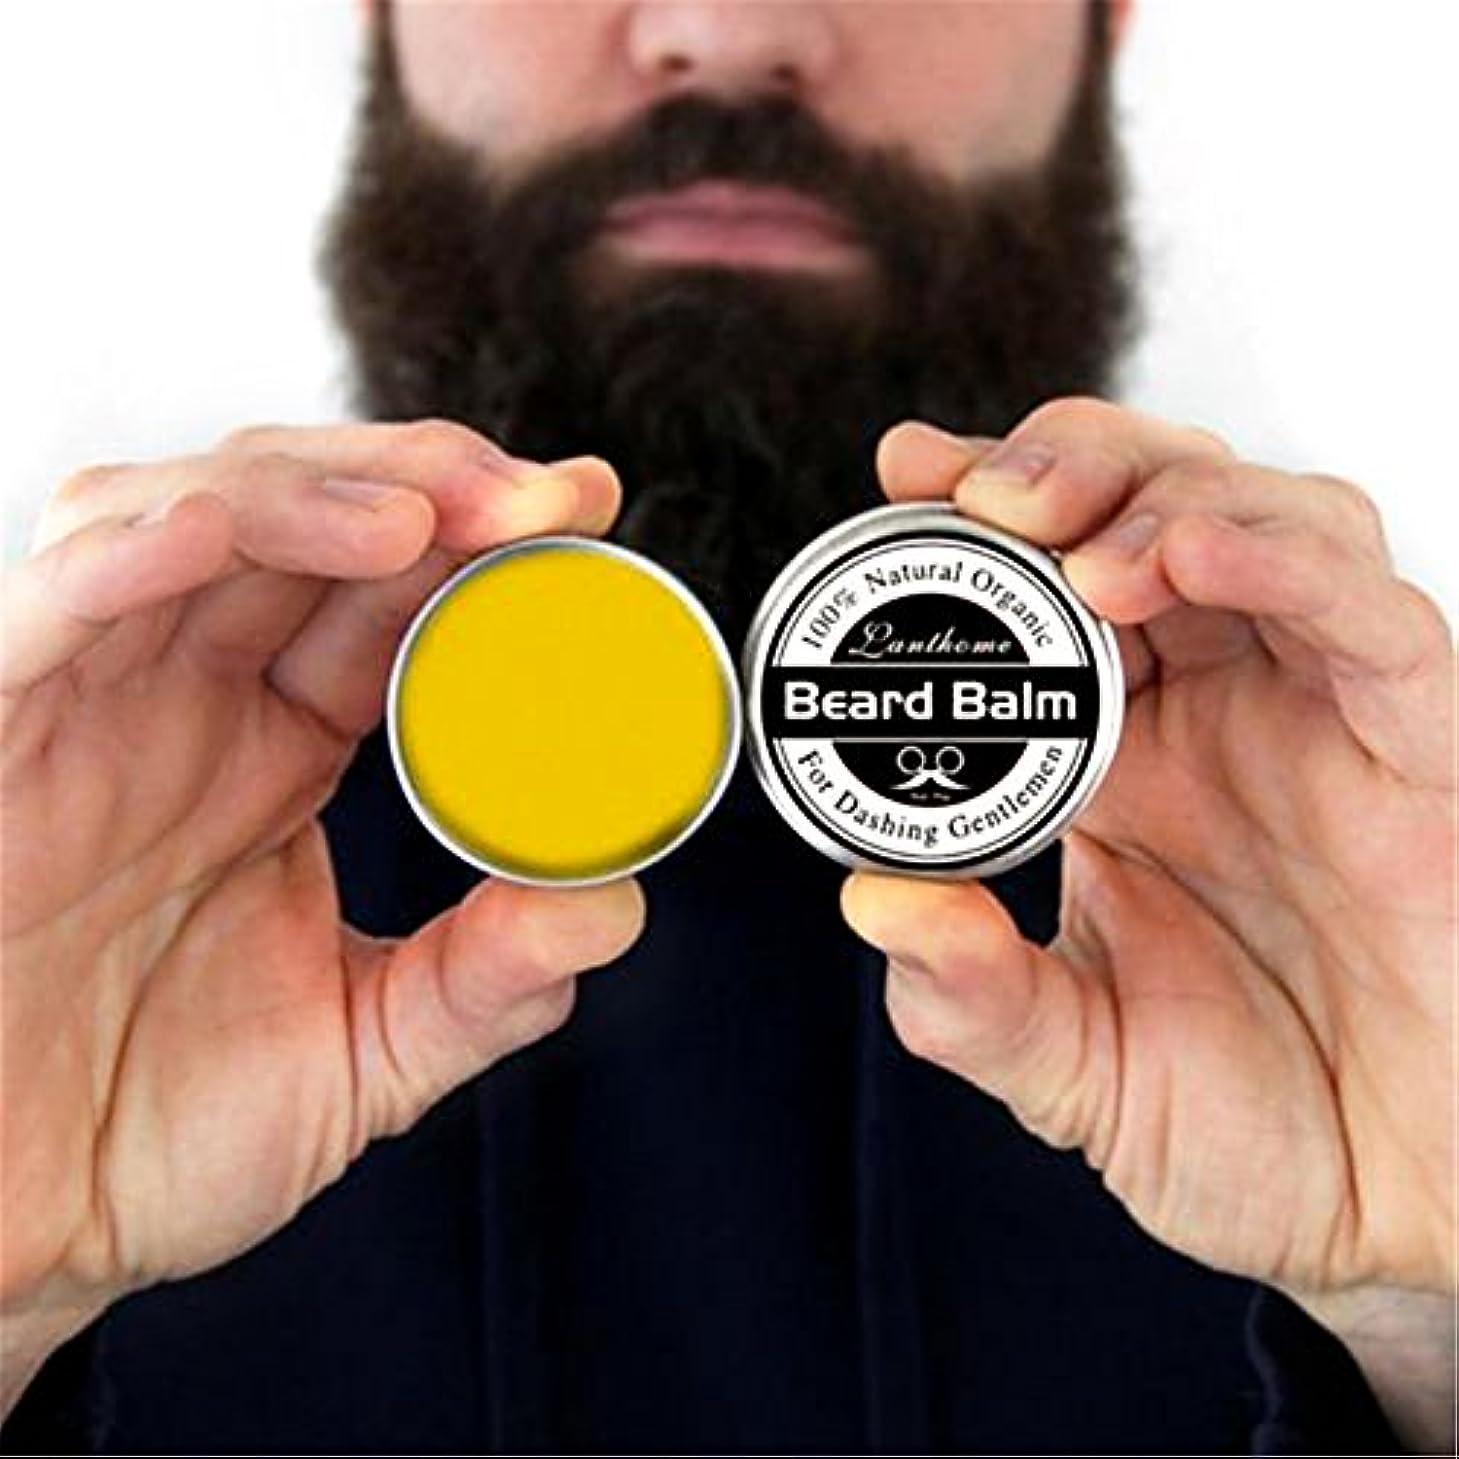 キャンドルミシン目作るRuier-tong ビアードバーム メンズひげワックス 口髭用ワックス ひげクリーム 保湿/滋養/ひげ根のケアなどの効果  ひげケア必需品 携帯便利